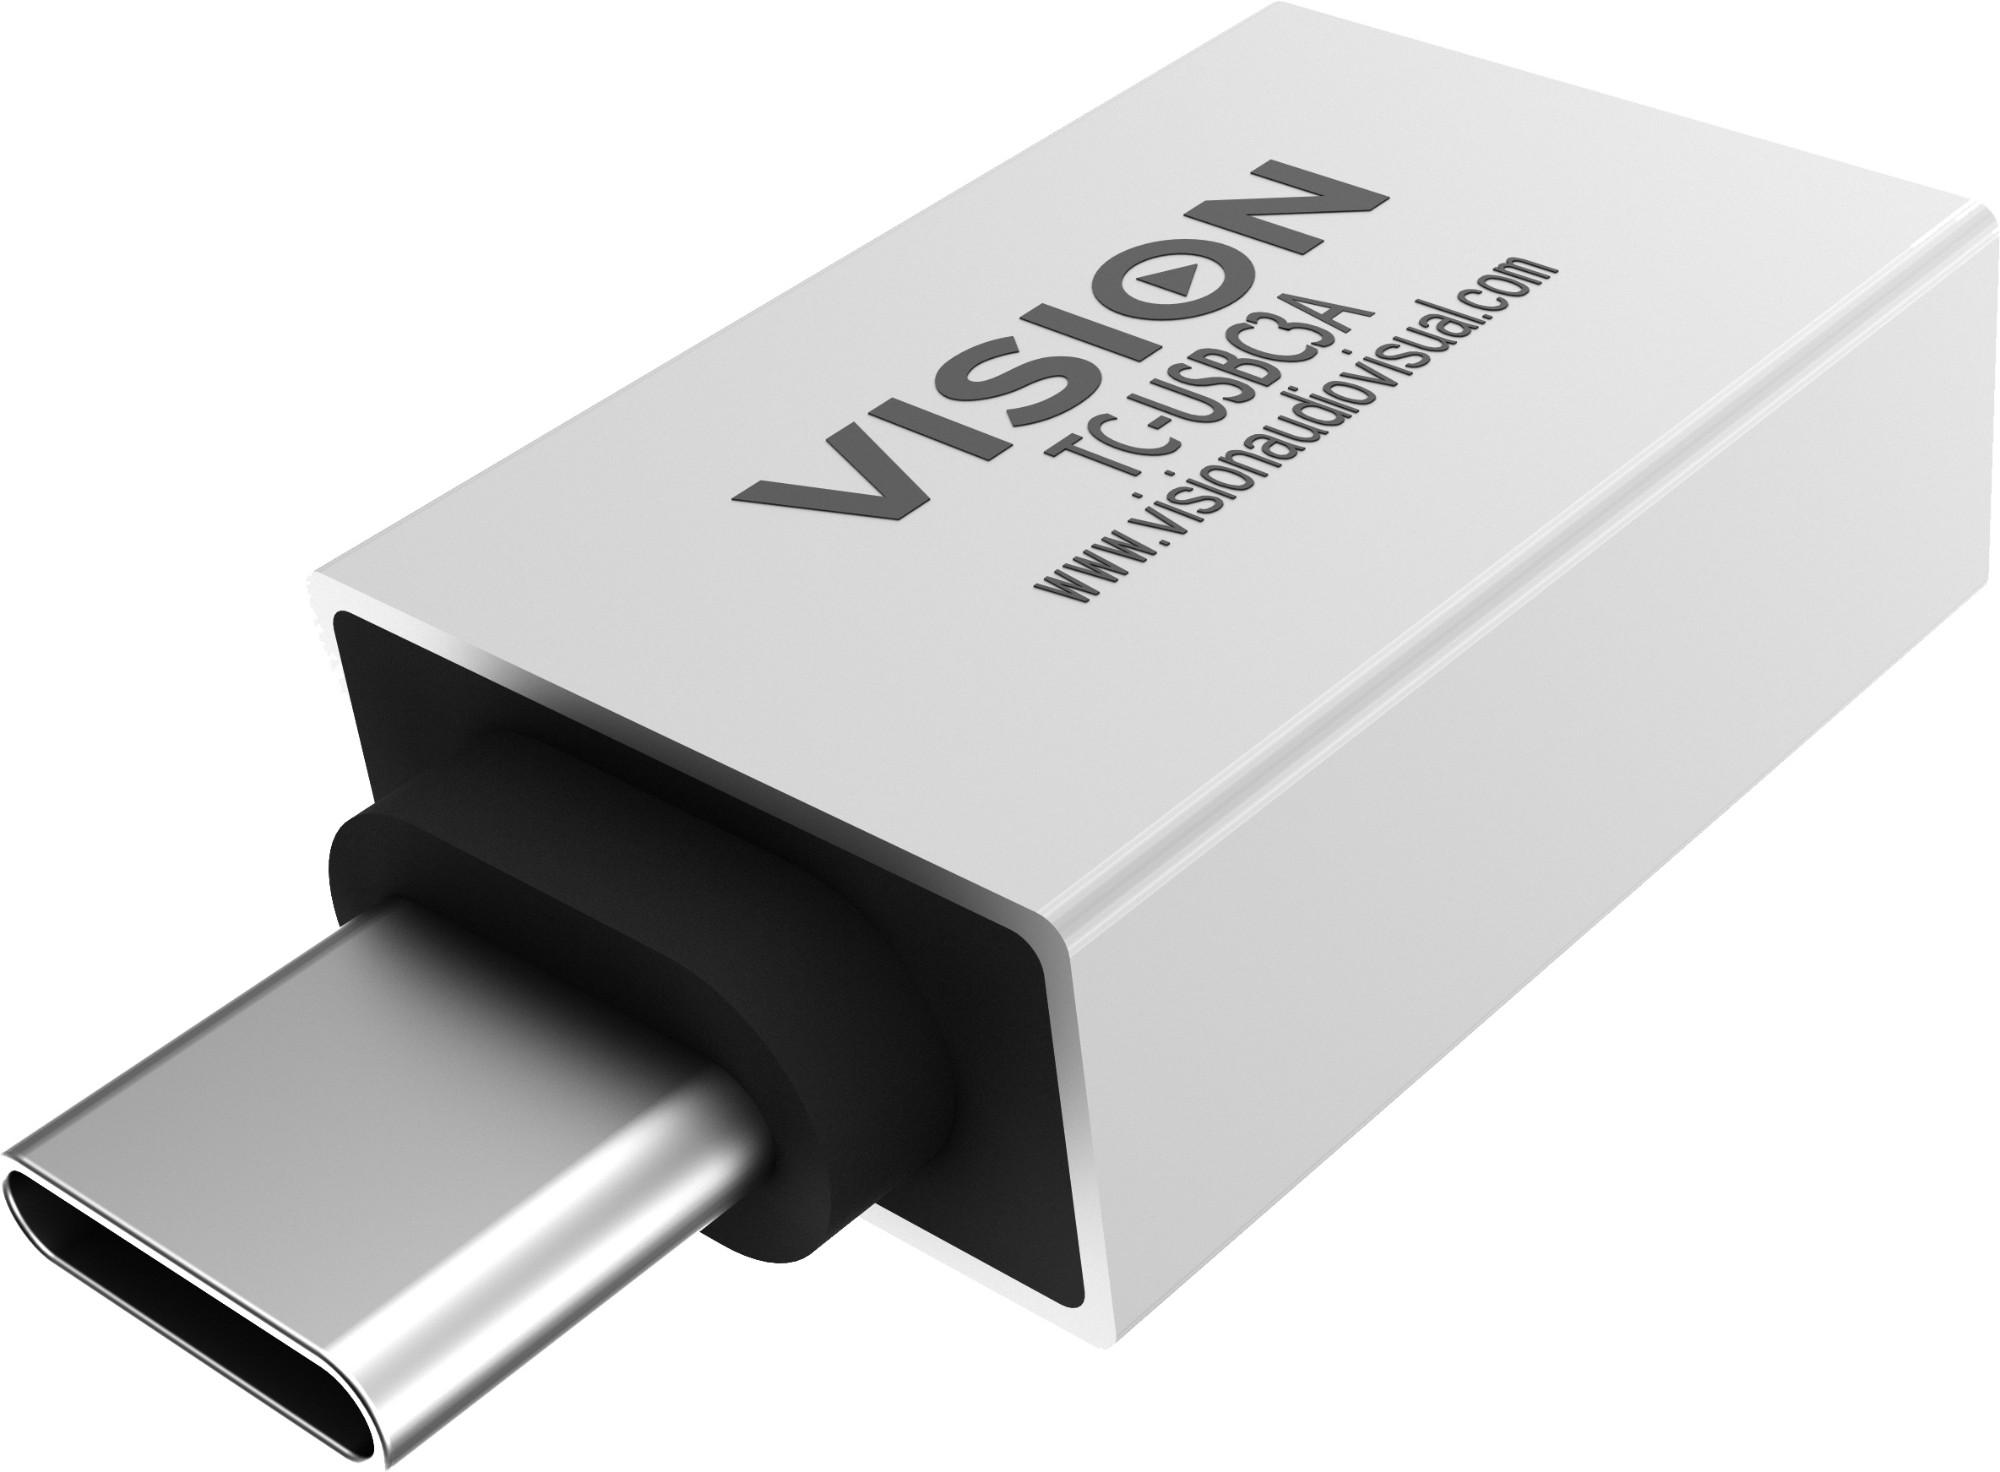 Vision TC-USBC3A adaptador de cable USB-A USB-C Blanco